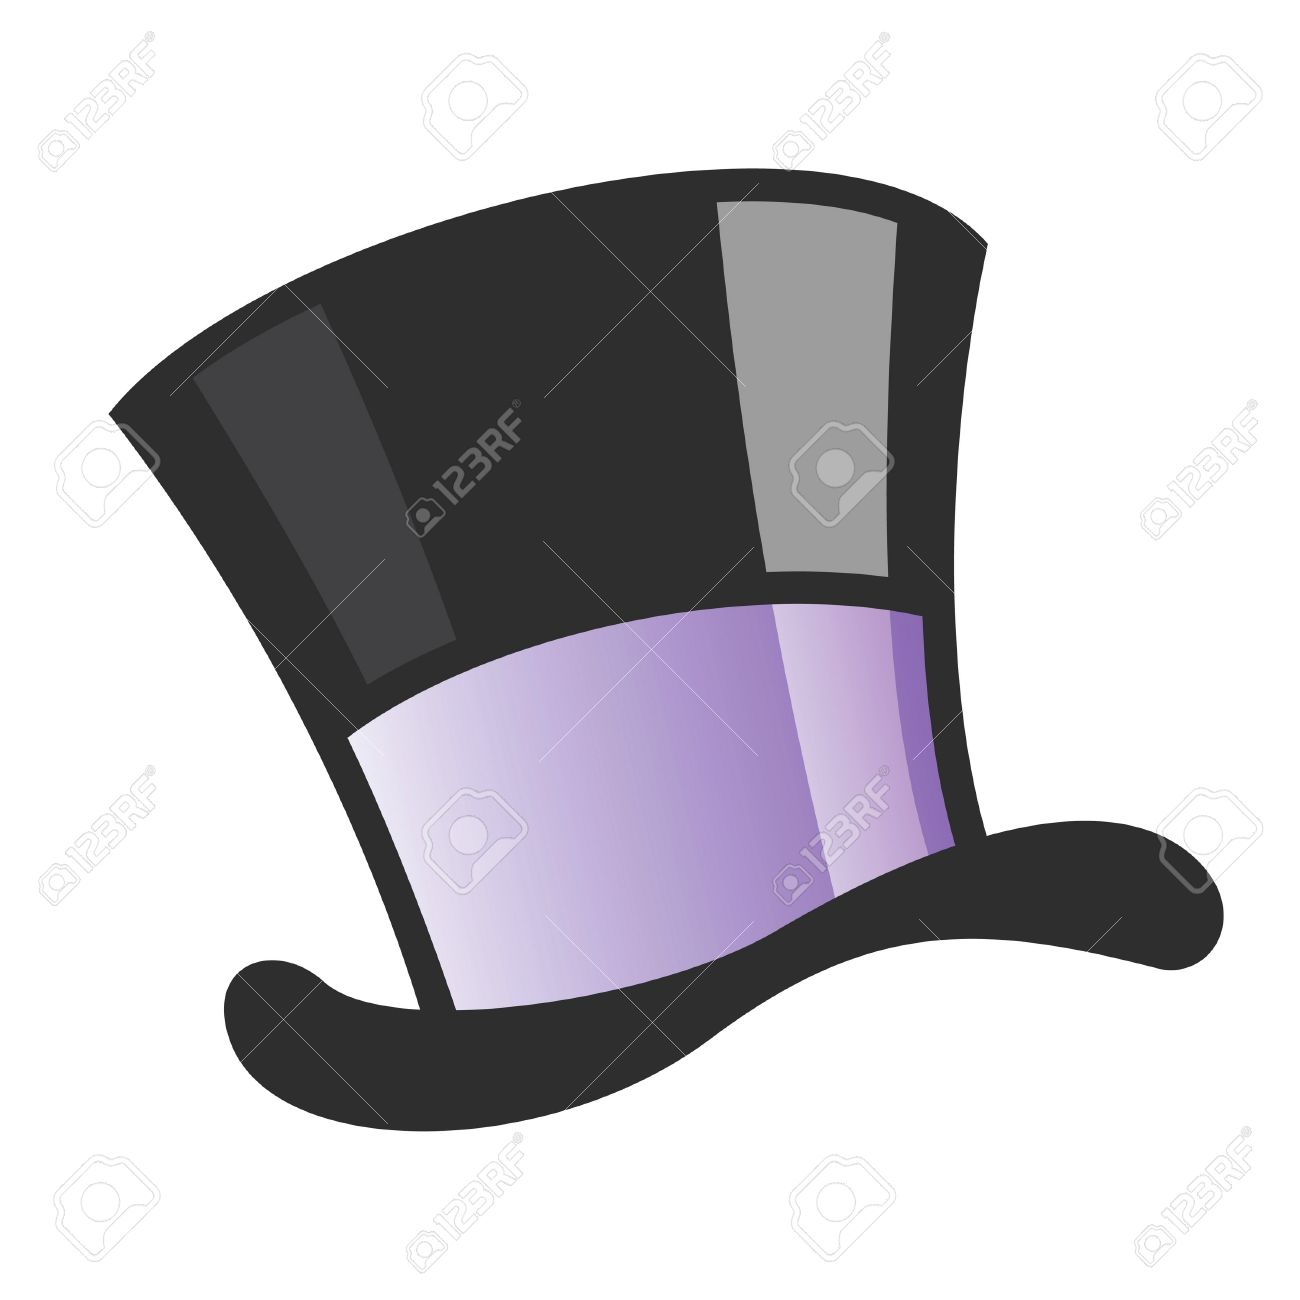 banque dimages vector illustration dun chapeau de magicien